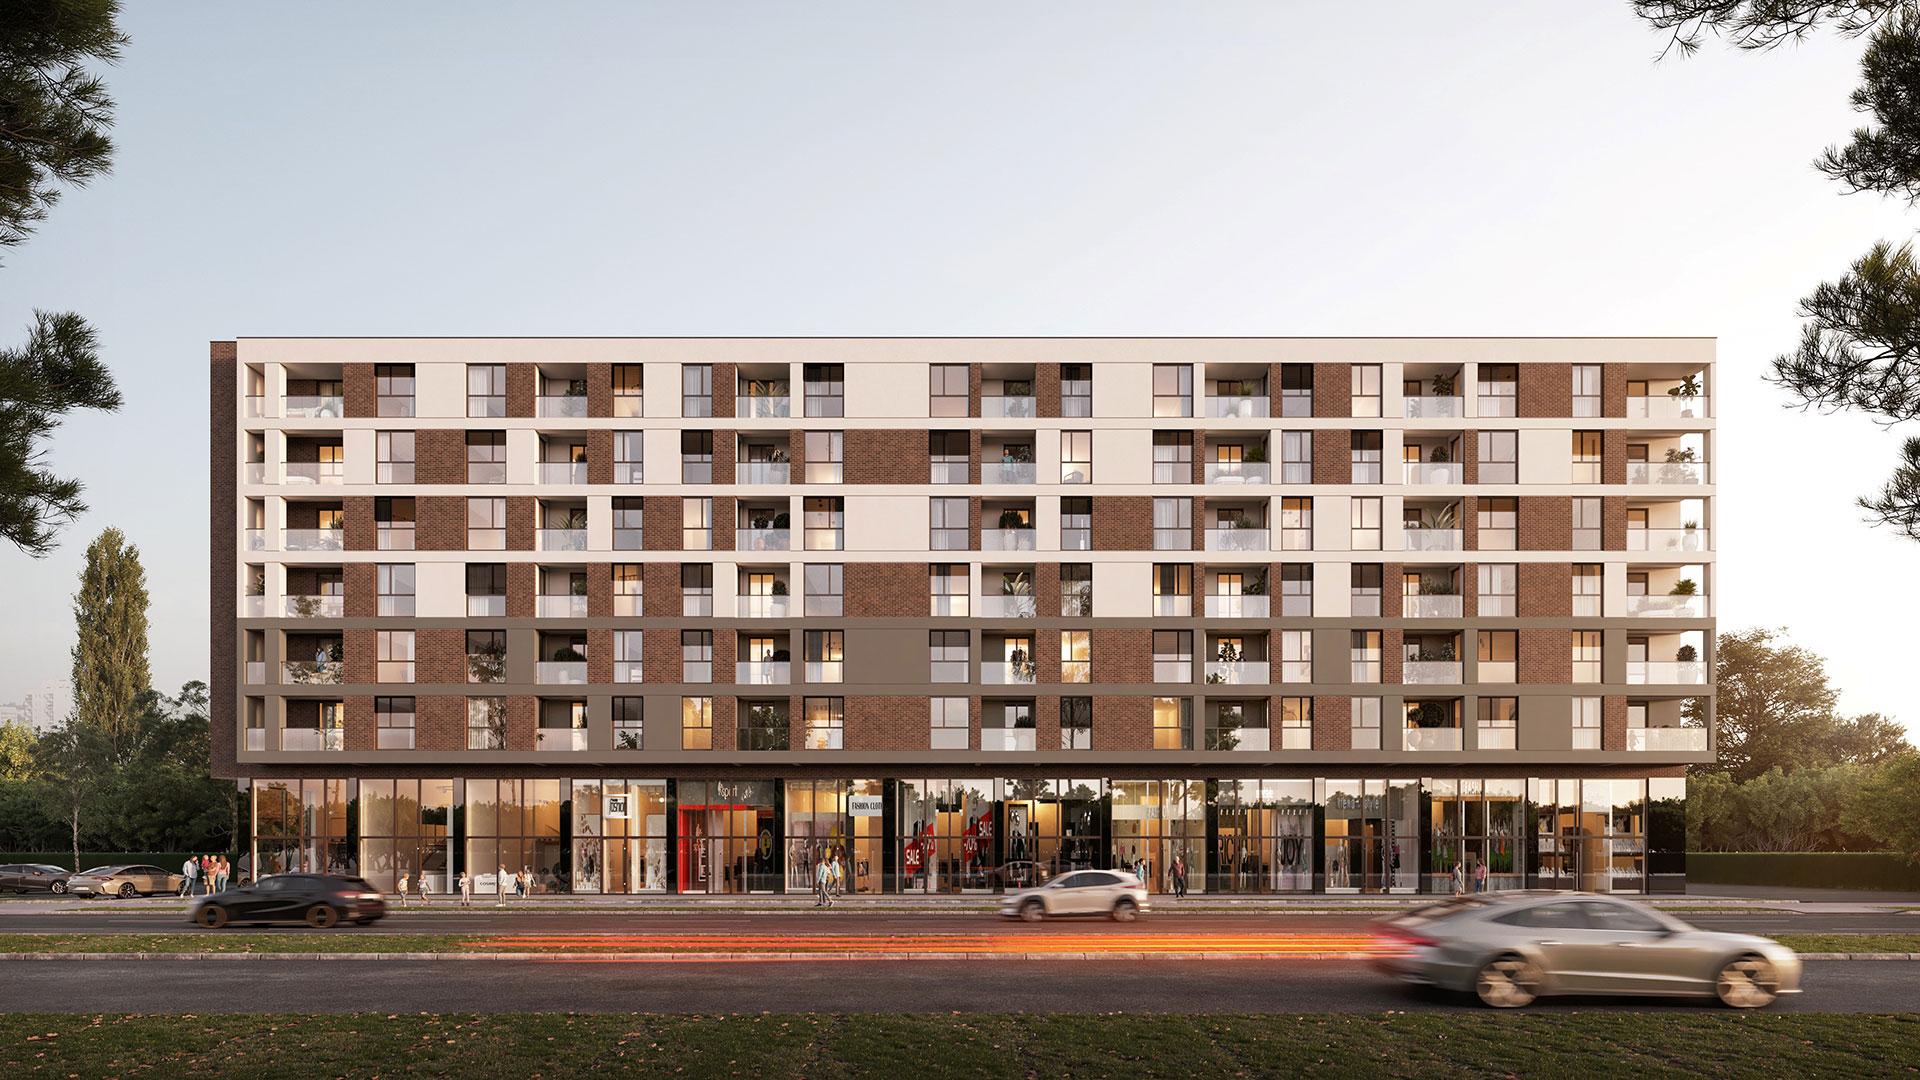 Prodaja stanova Niš - Objekat u Somborskoj bb 1